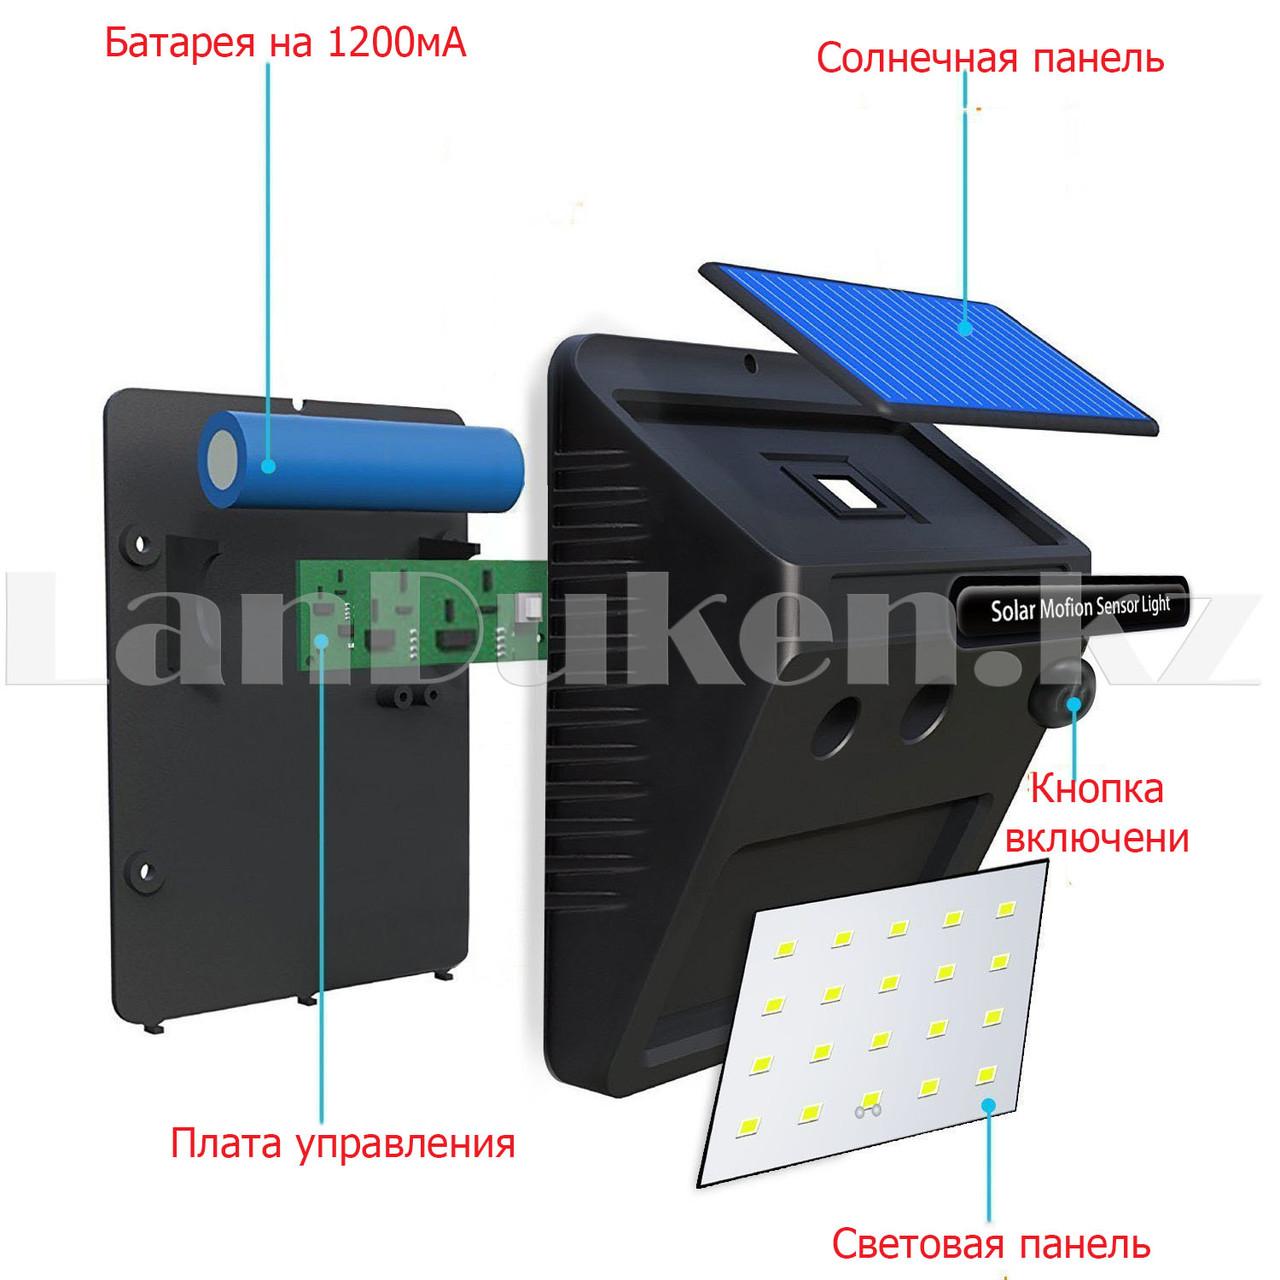 Садовый светильник на солнечной батарее водонепроницаемый (6009) - фото 4